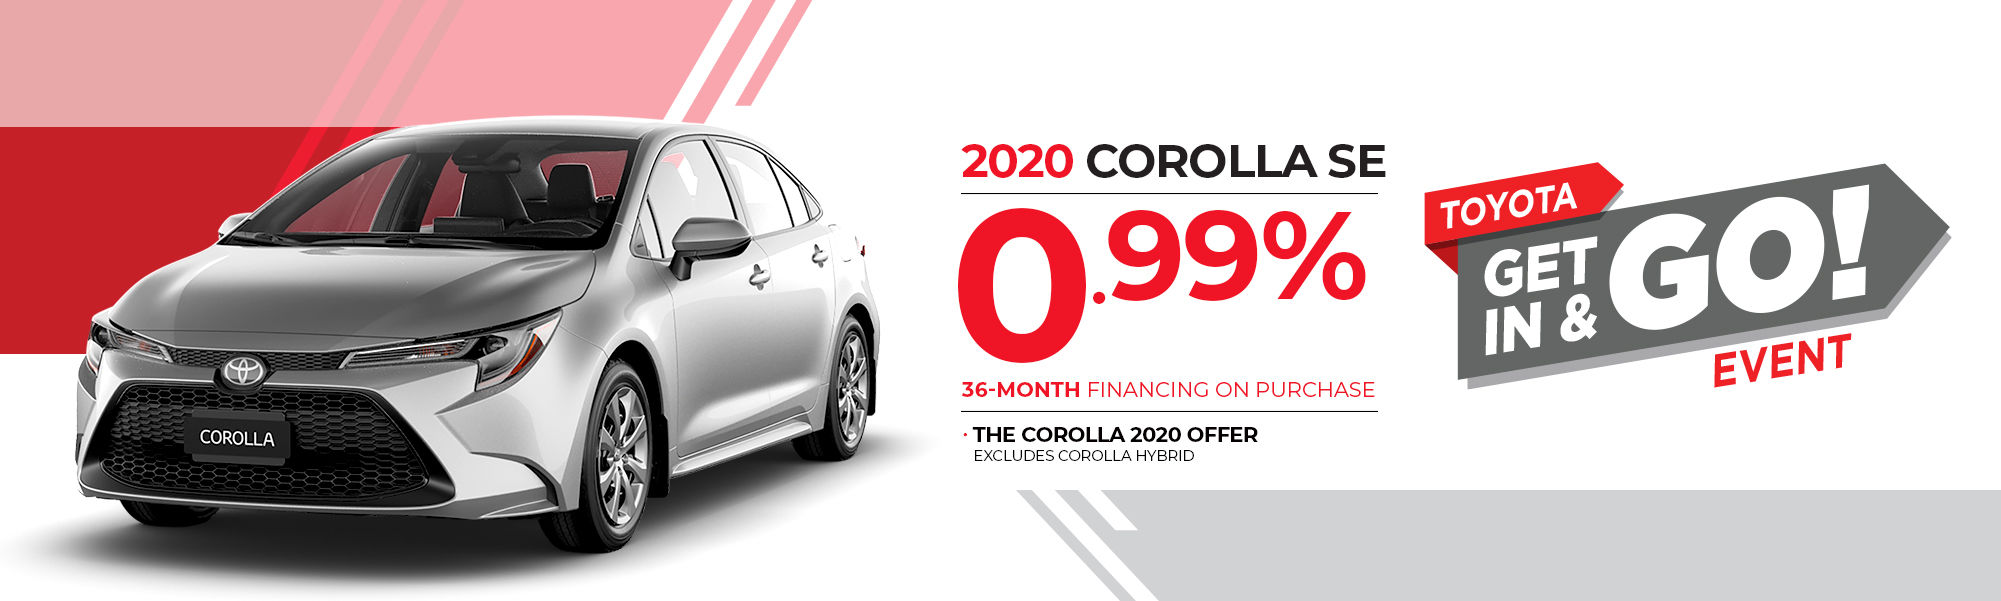 2020 COROLLA